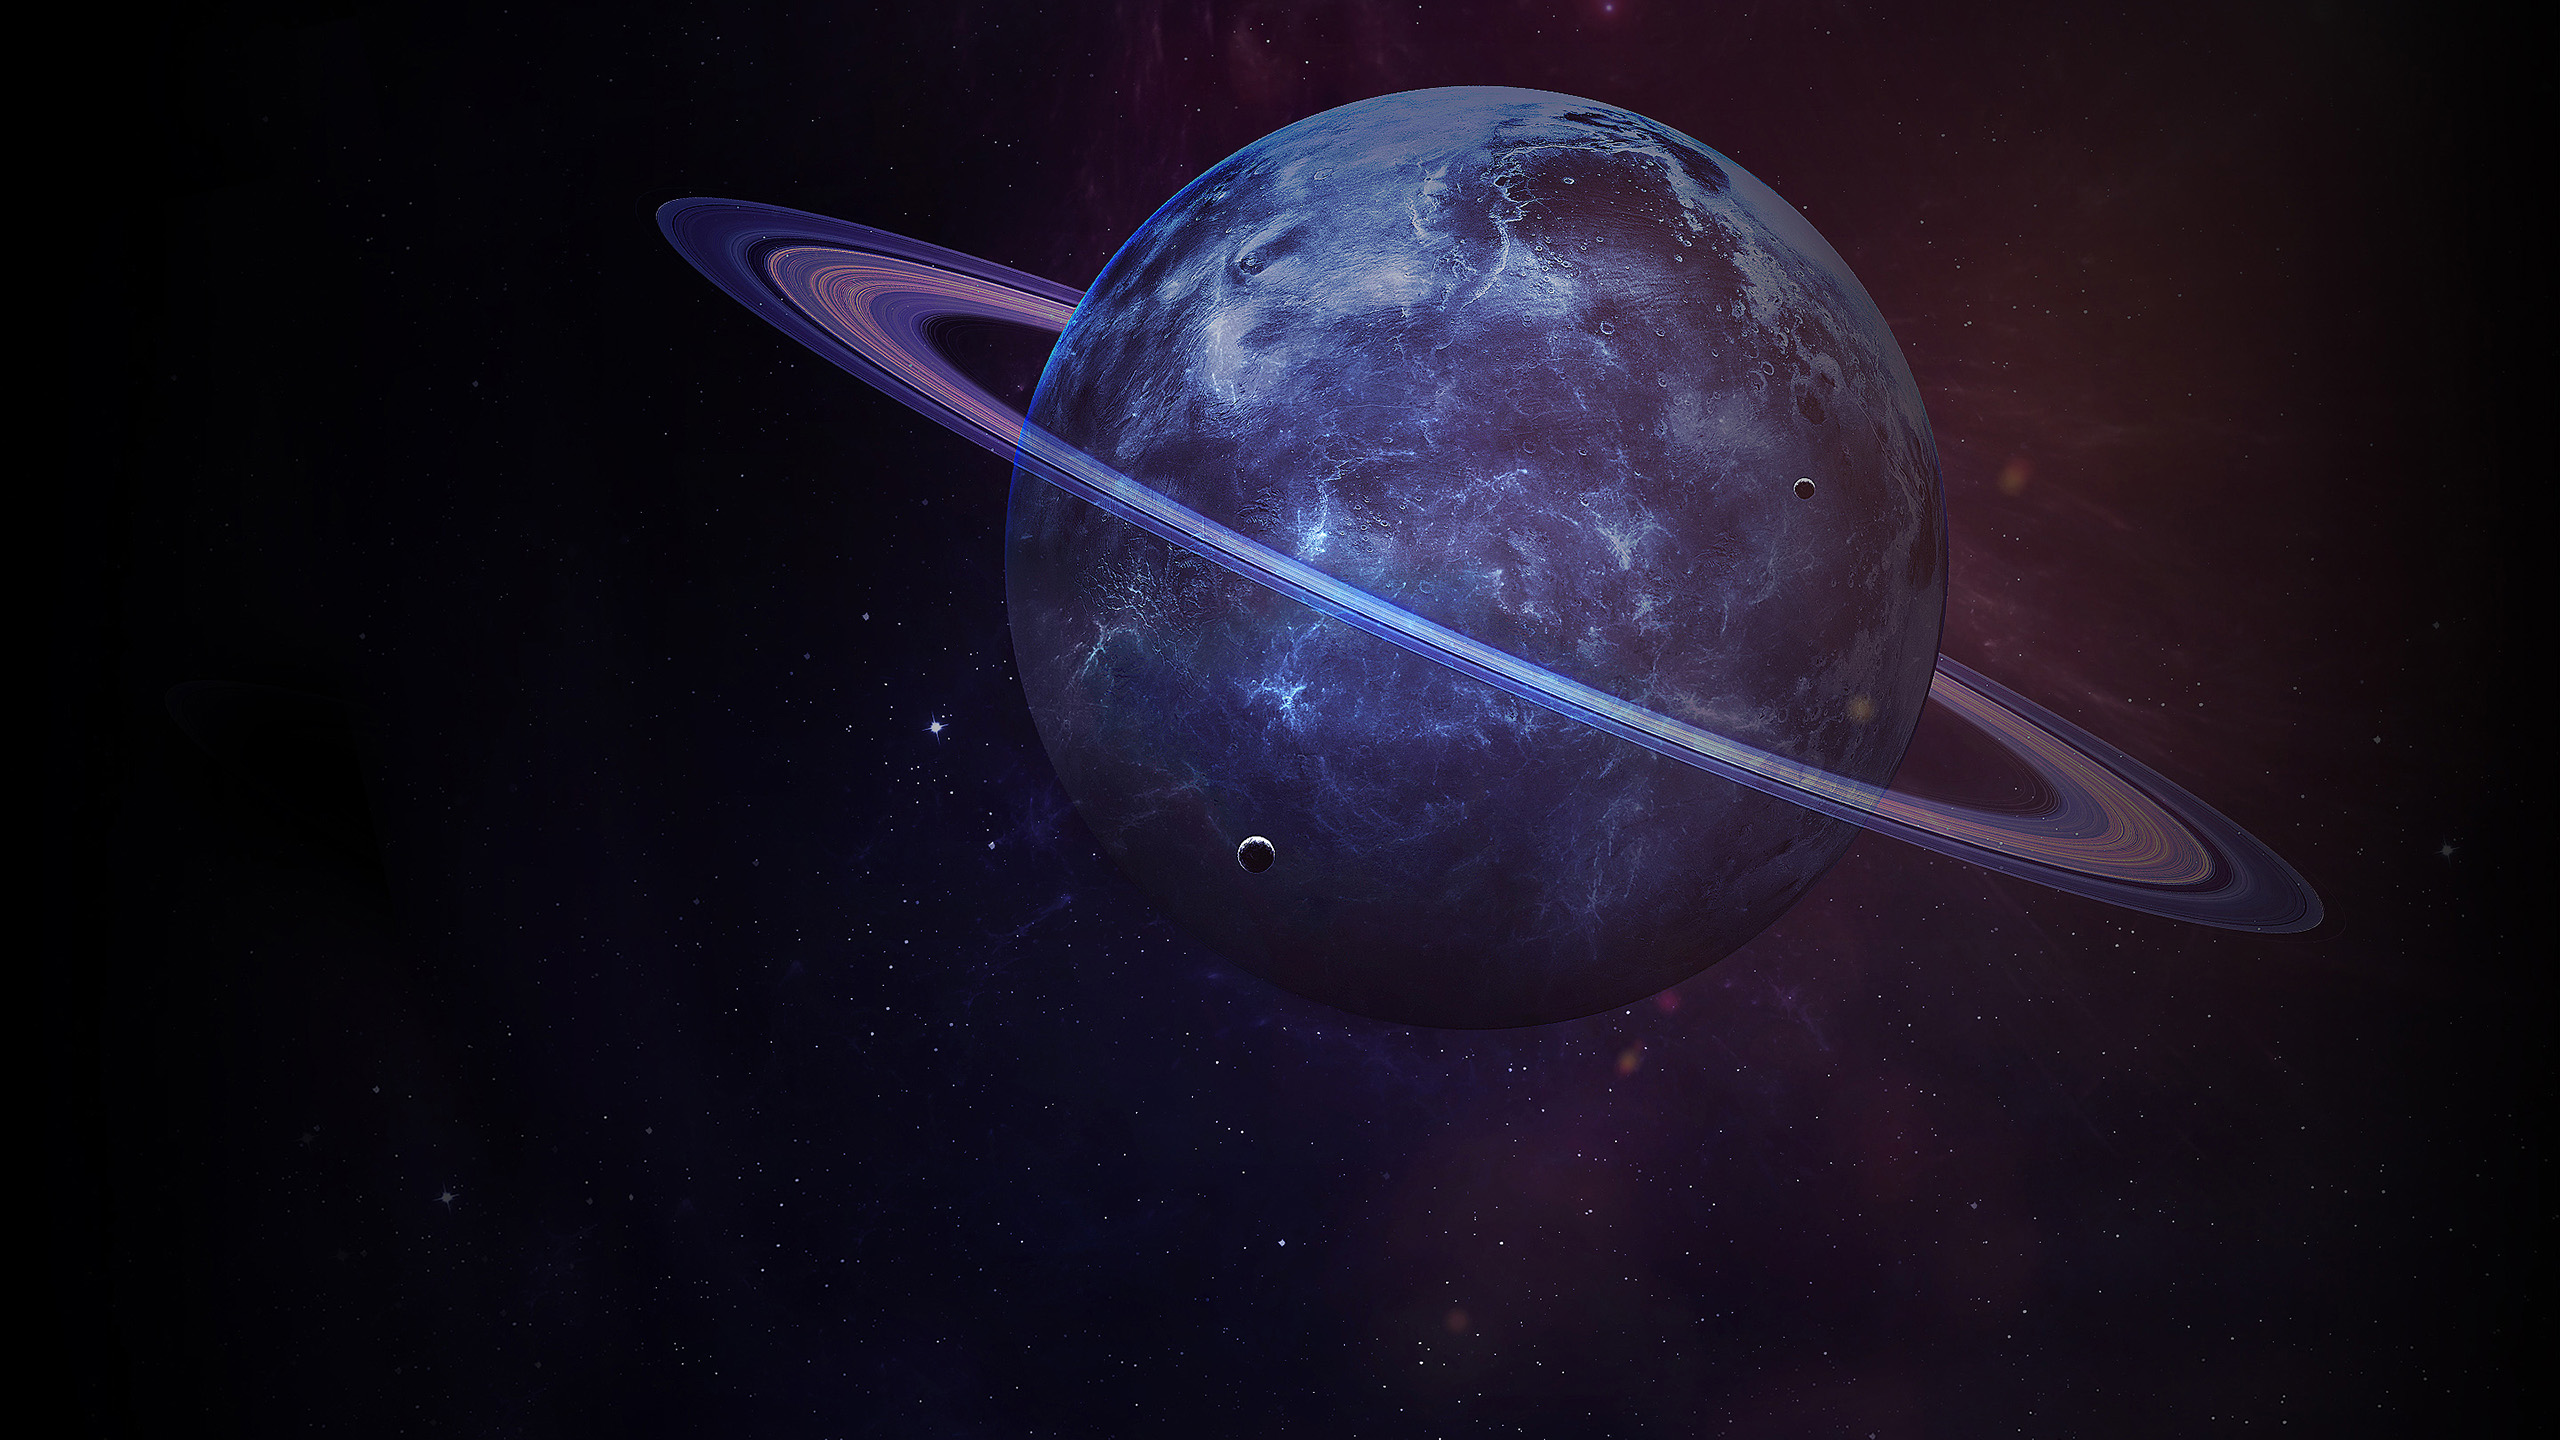 HDoboi.Kiev.ua - Сатурн с кольцами - большая планета солнечной системы